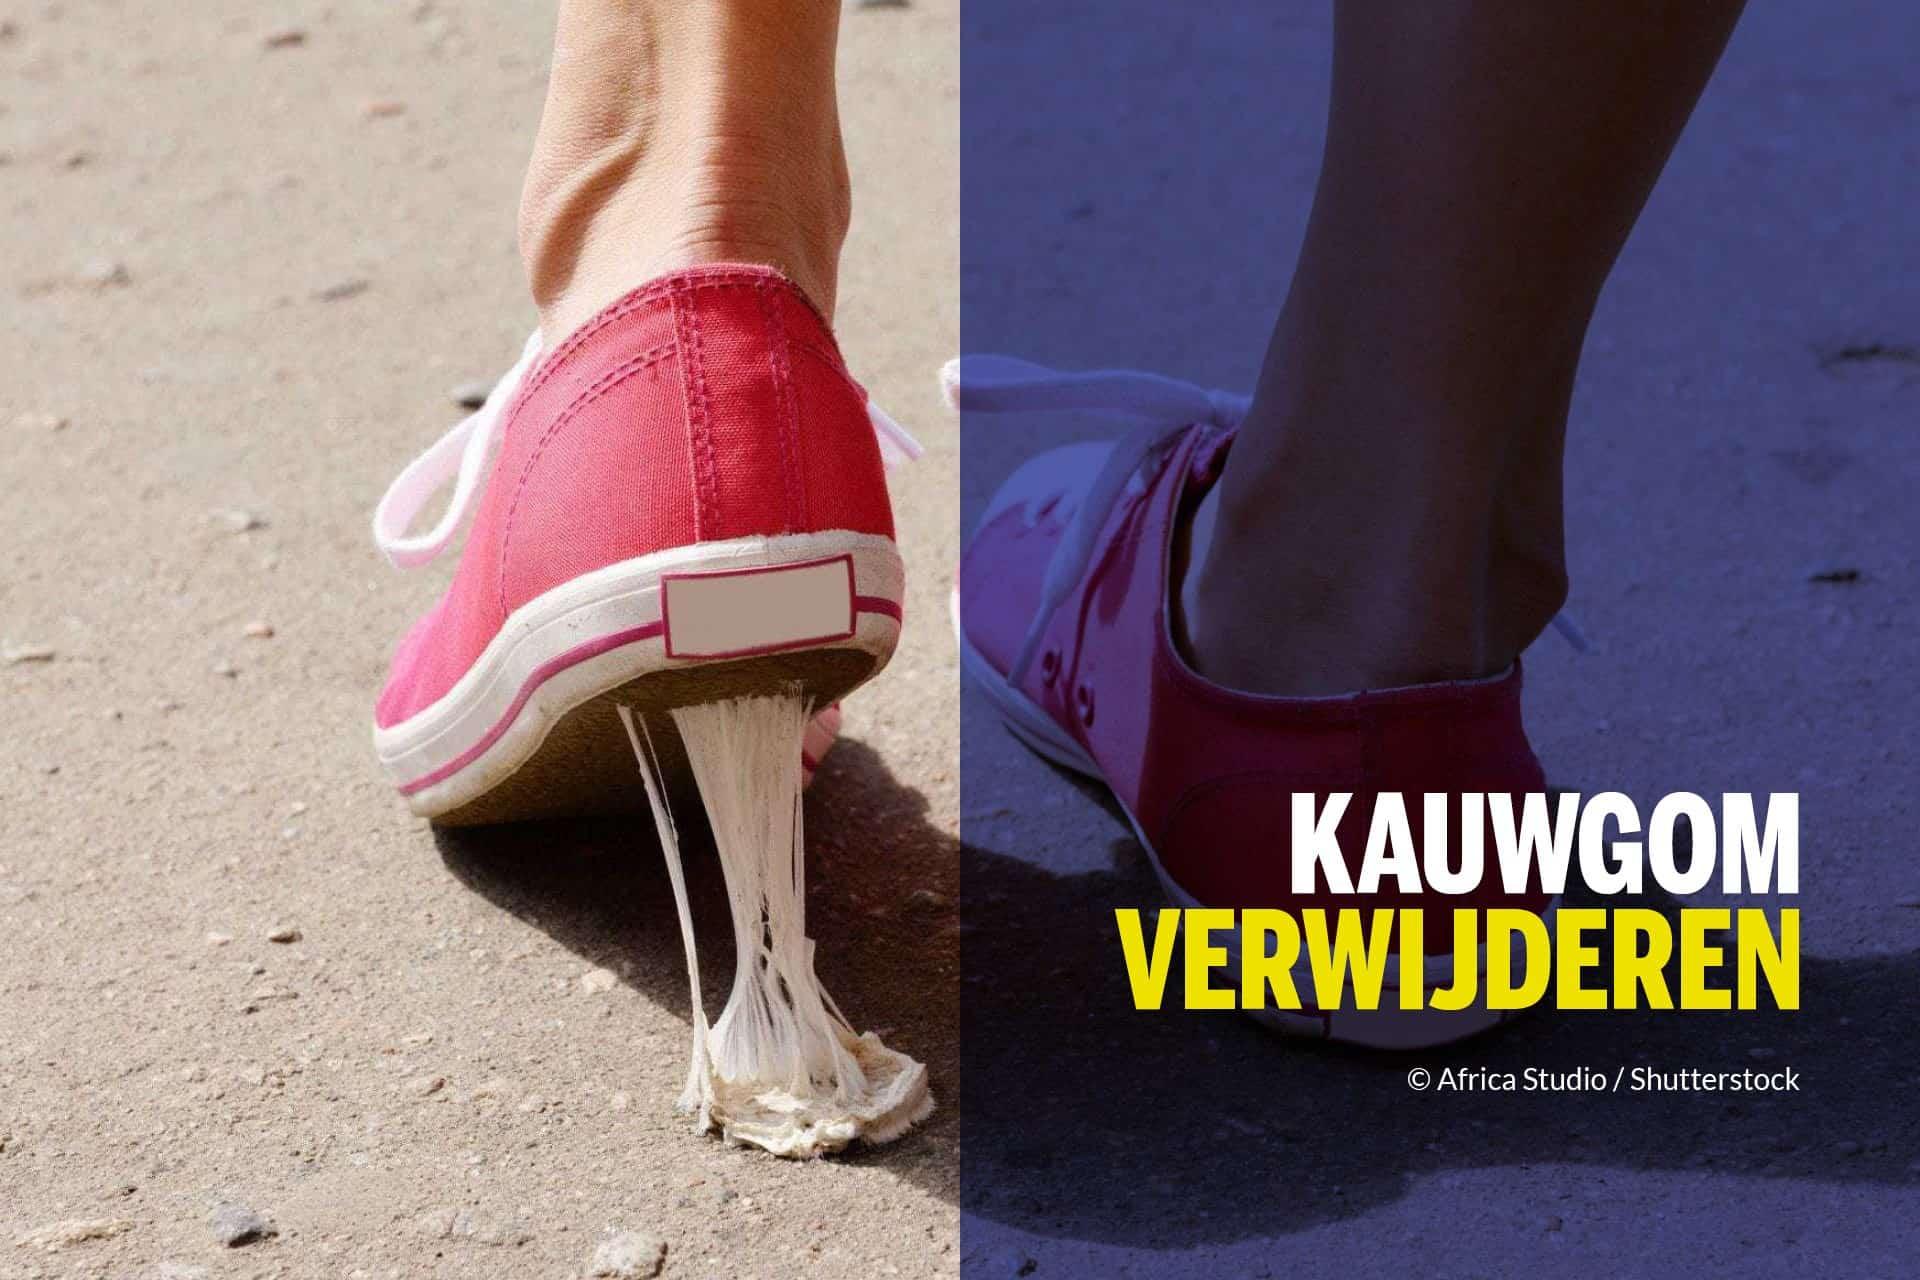 Kauwgom In Kleding Verwijderen 4 Manieren Wd 40 Nederland